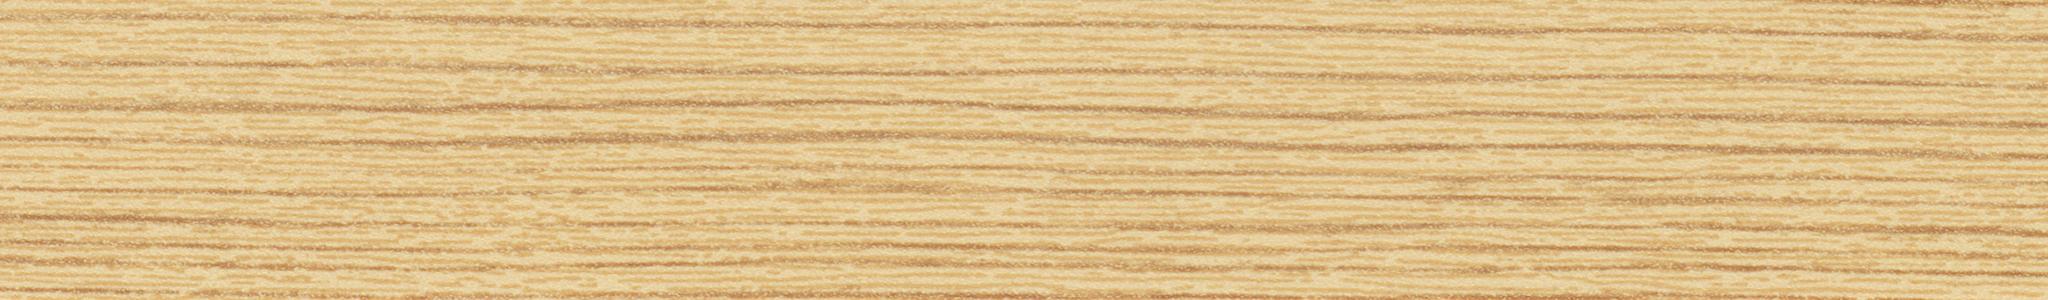 HD 258408 ABS Edge Pine Pearl